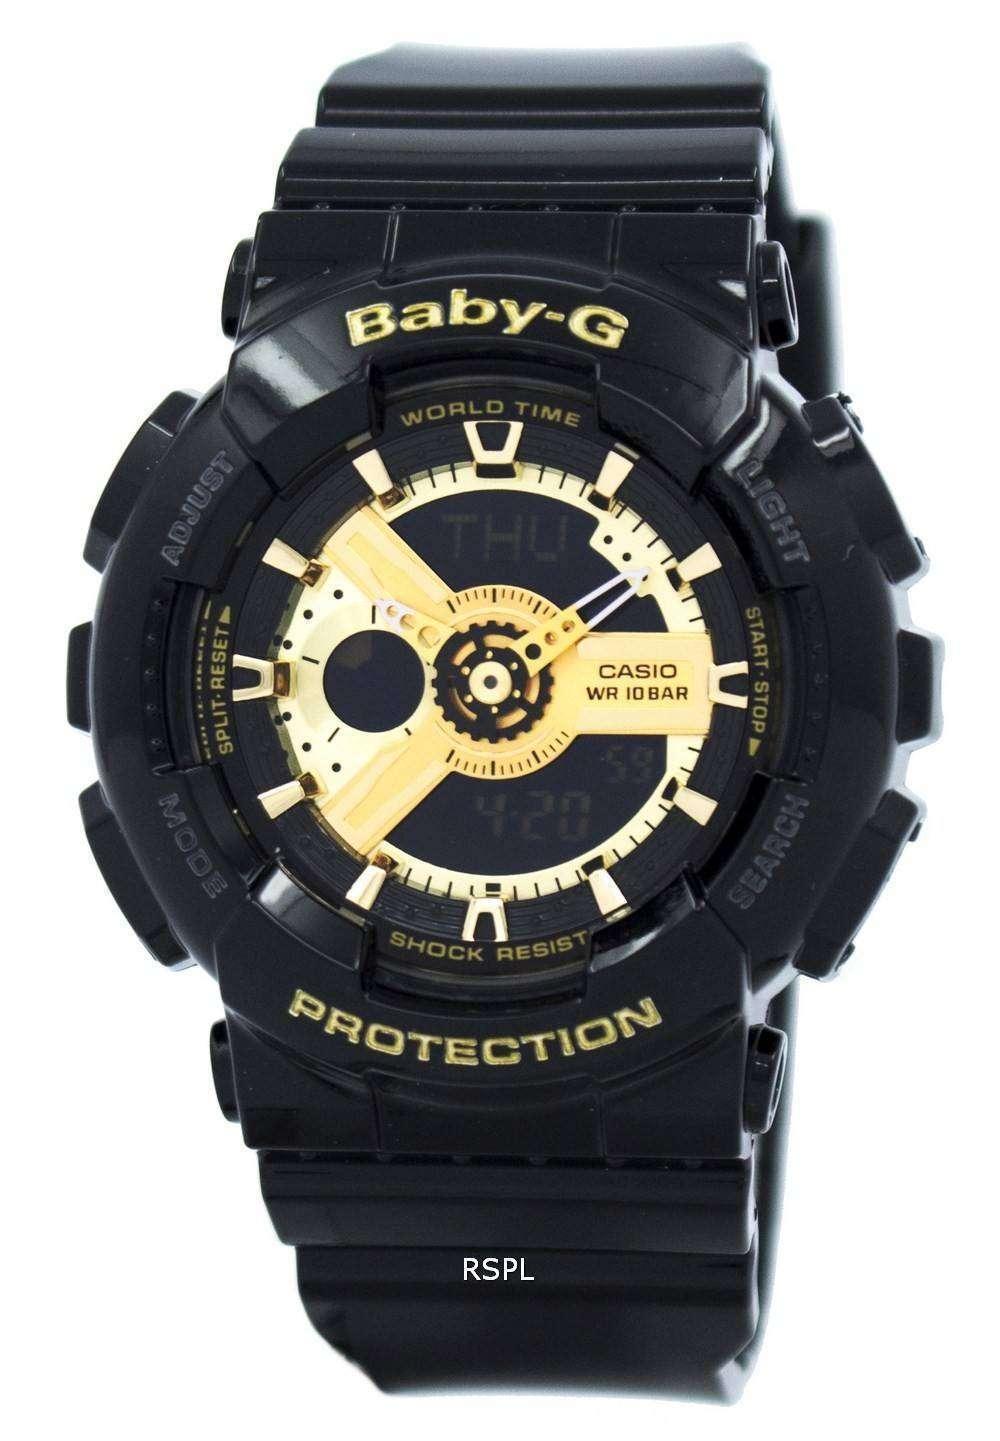 dba82071bc1b Reloj Casio Baby-g mundial tiempo Analógico Digital BA-110-1A de la ...